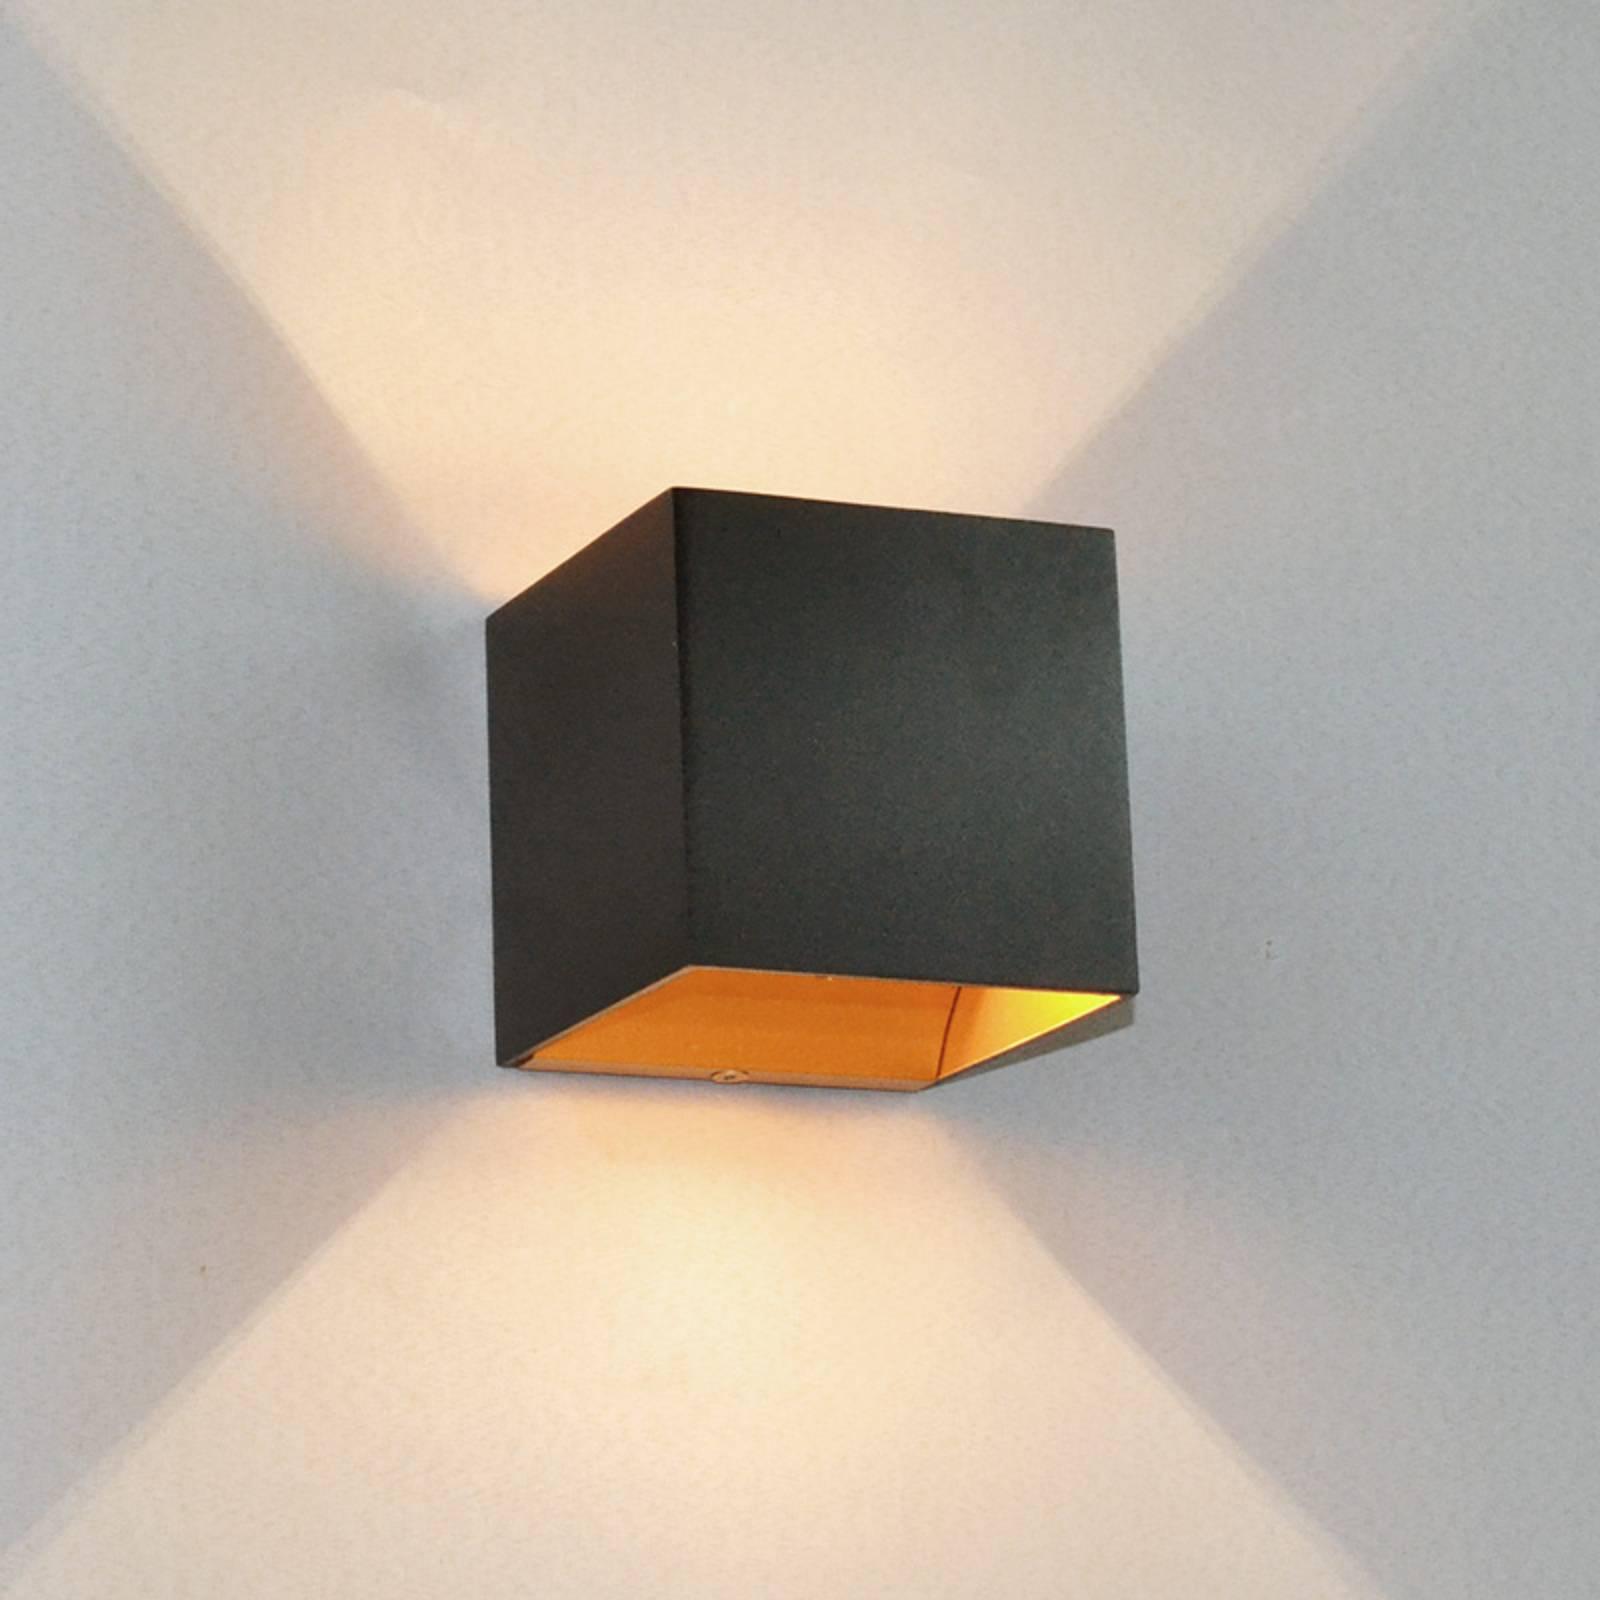 Zwarte LED-wandlamp Aldrina, binnenin goudkleurig